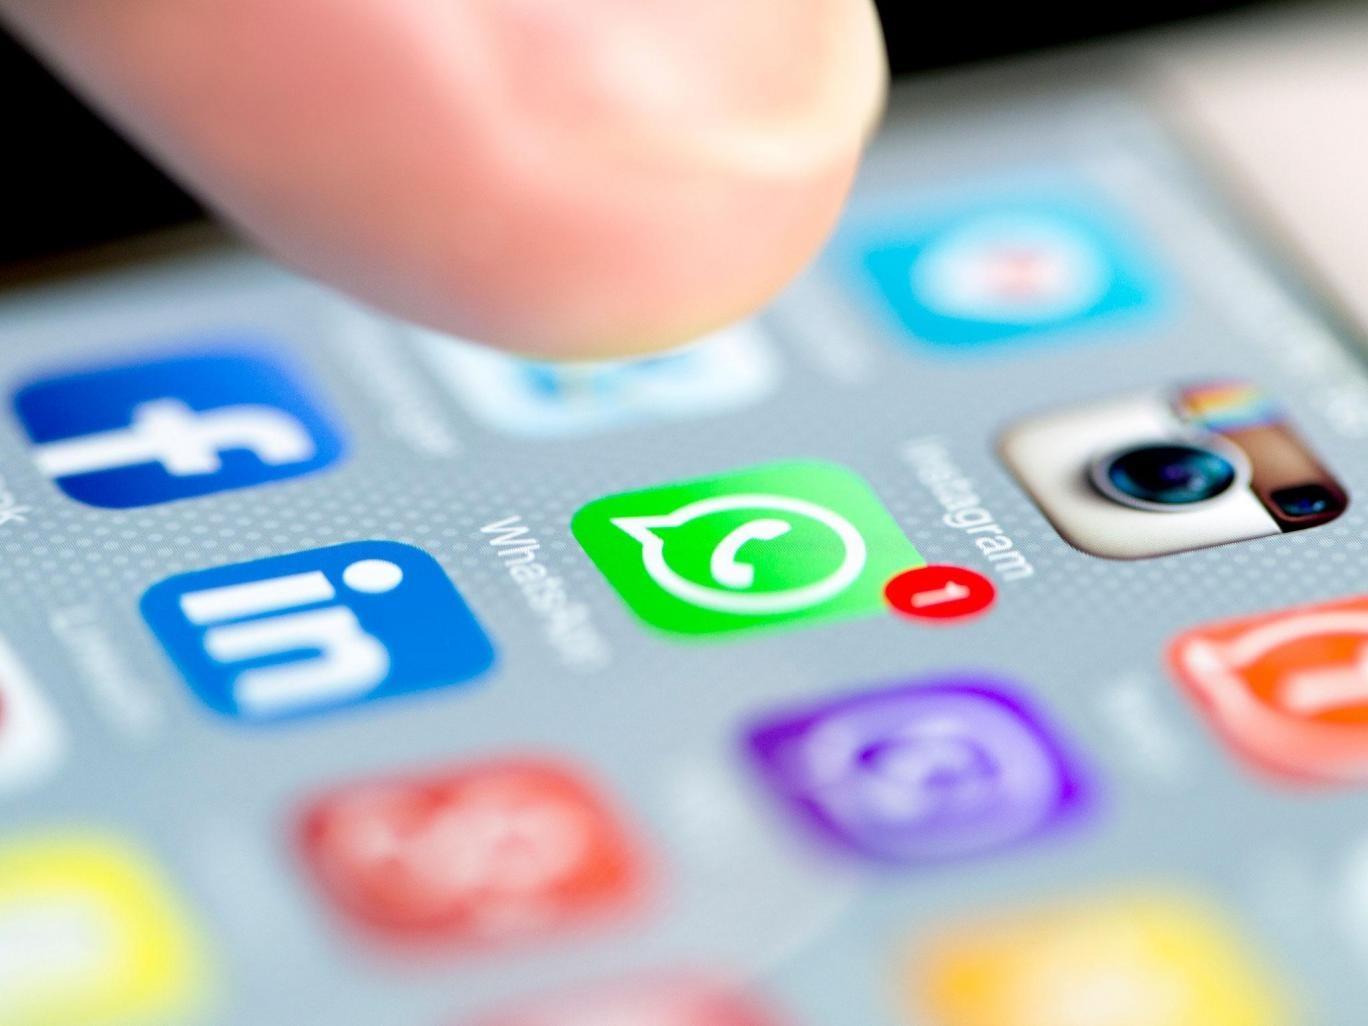 واتساَپ در آلمان از به اشتراکگذاری دیتای کاربران با فیسبوک منع شد